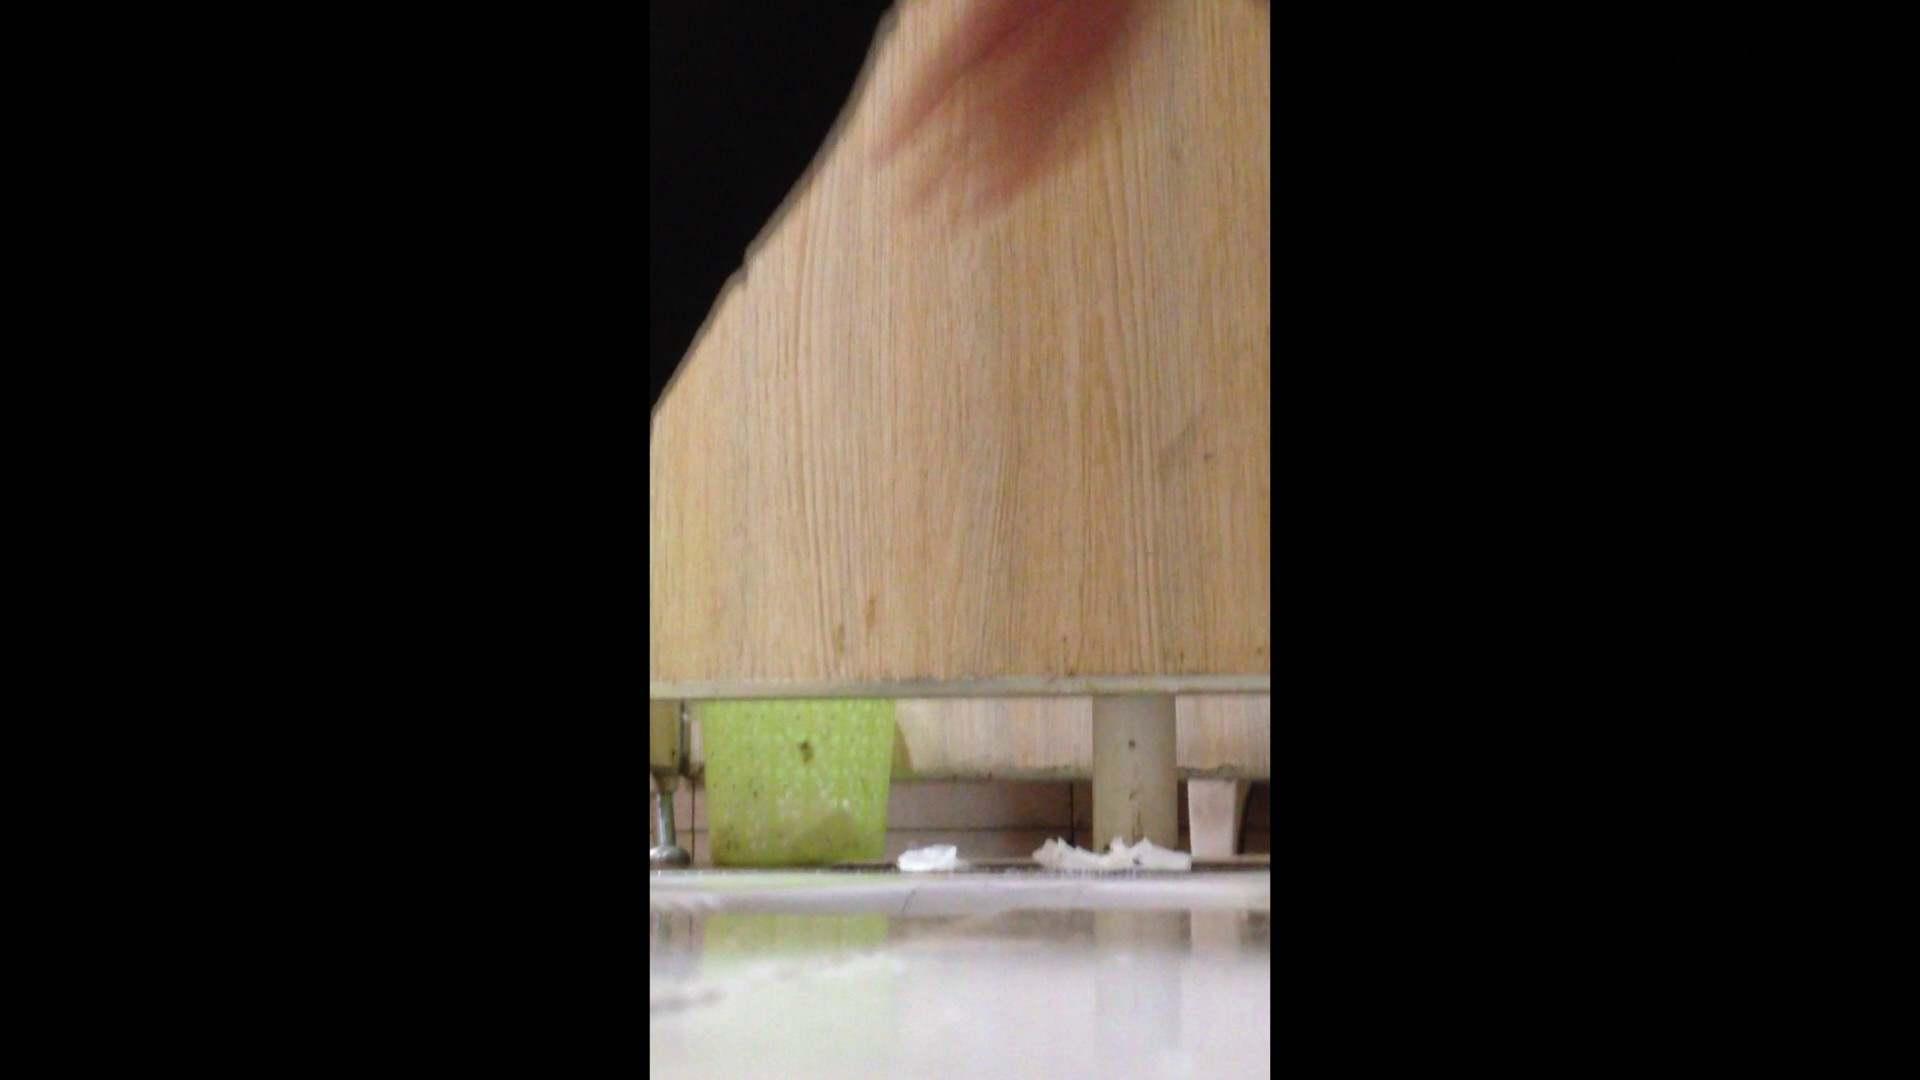 芸術大学ガチ潜入盗撮 JD盗撮 美女の洗面所の秘密 Vol.87 盗撮 | エッチなOL  79枚 49